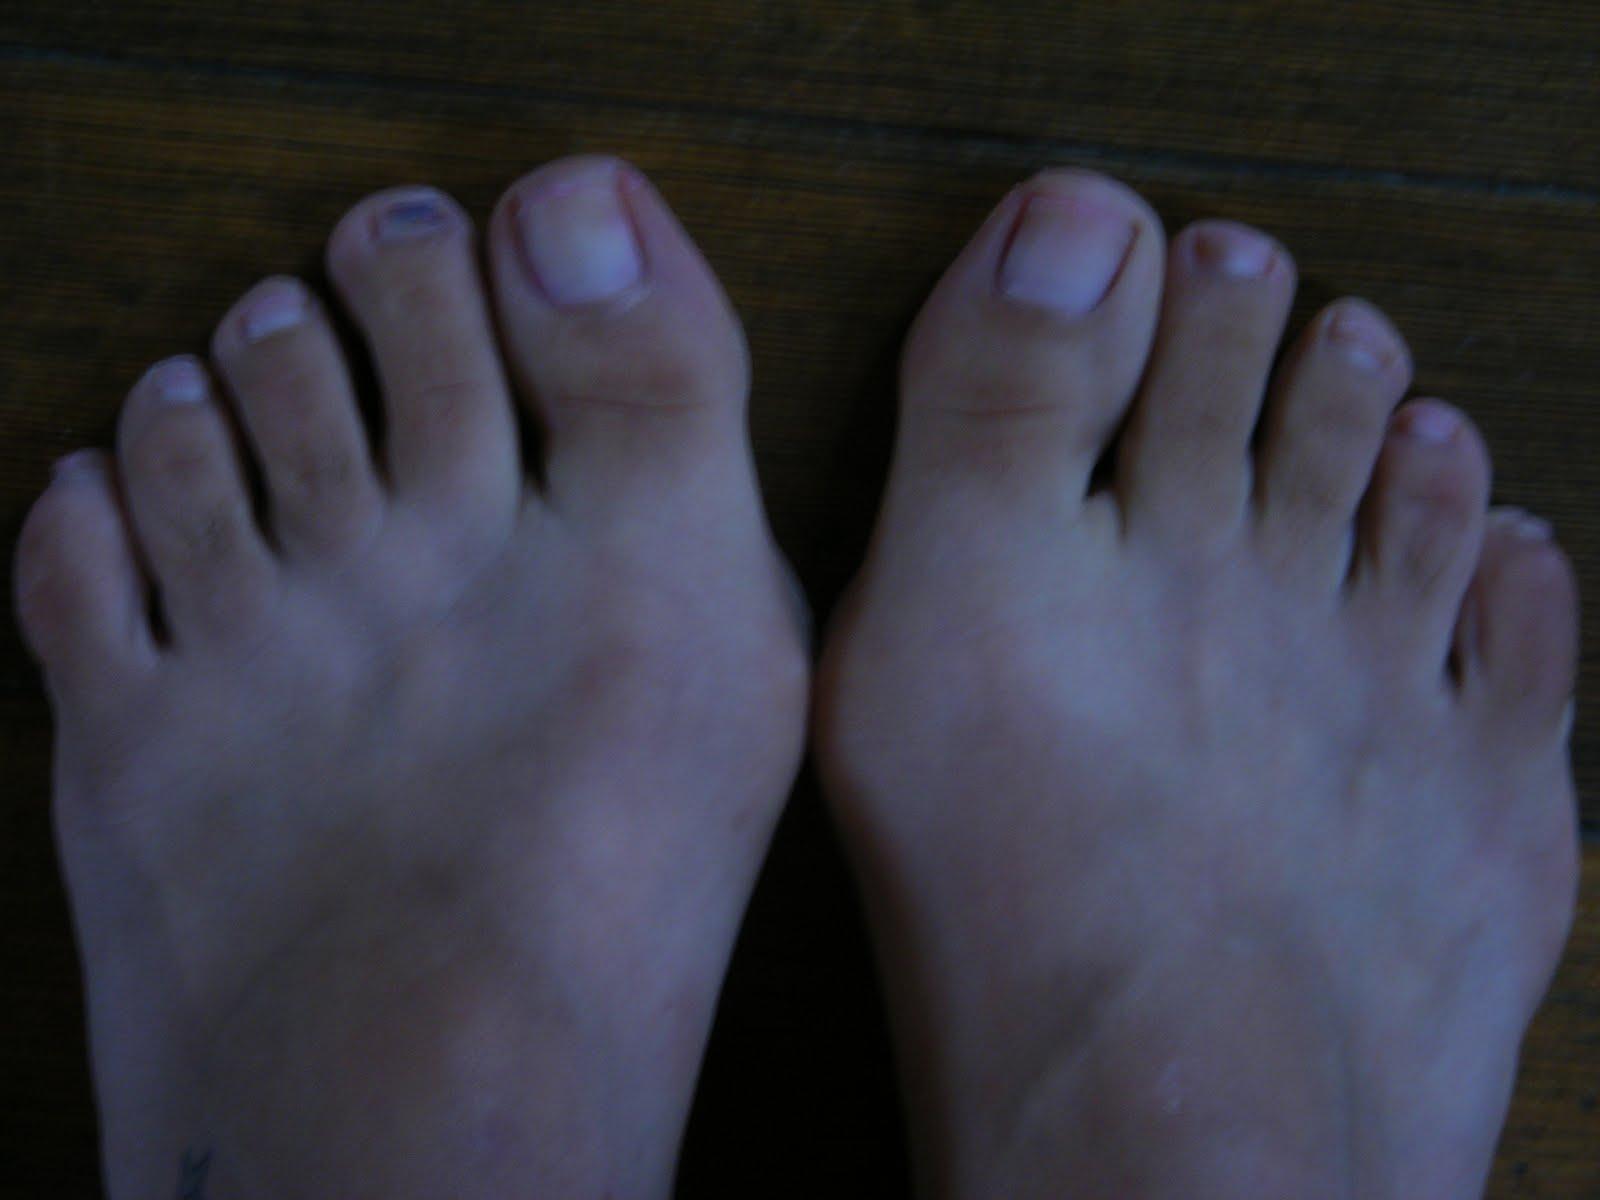 Gross Feet